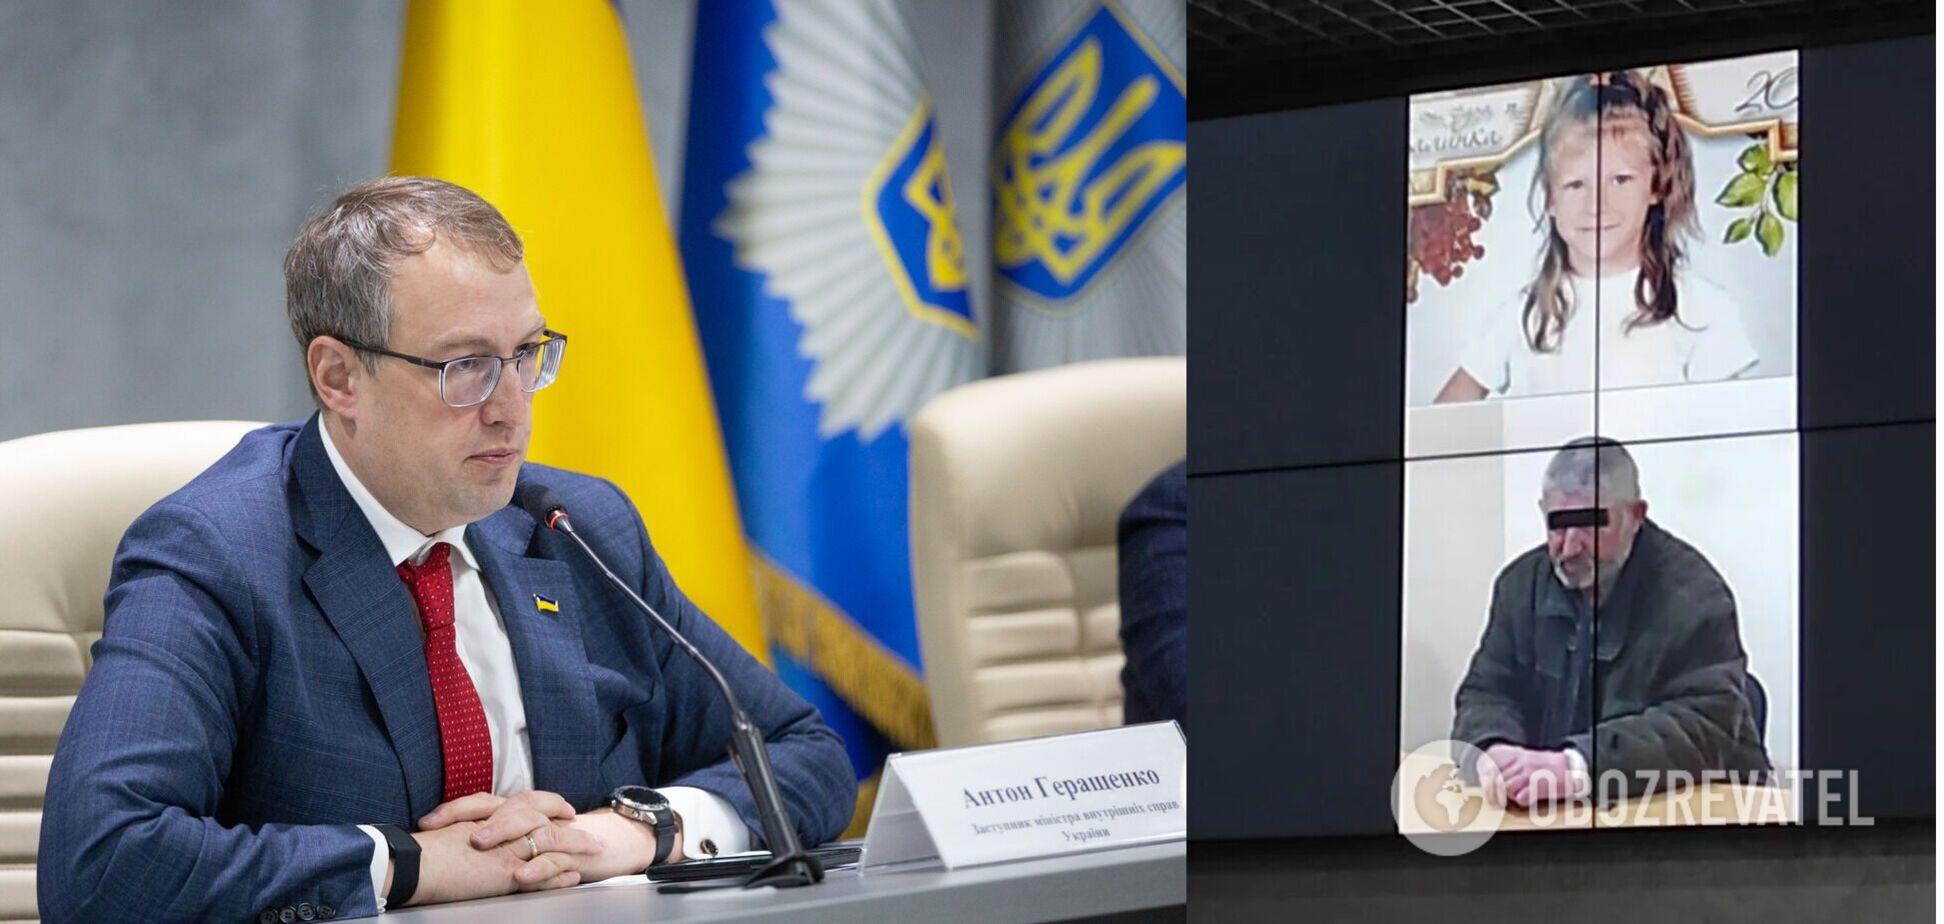 В МВД показали фото подозреваемого в убийстве Марии Борисовой